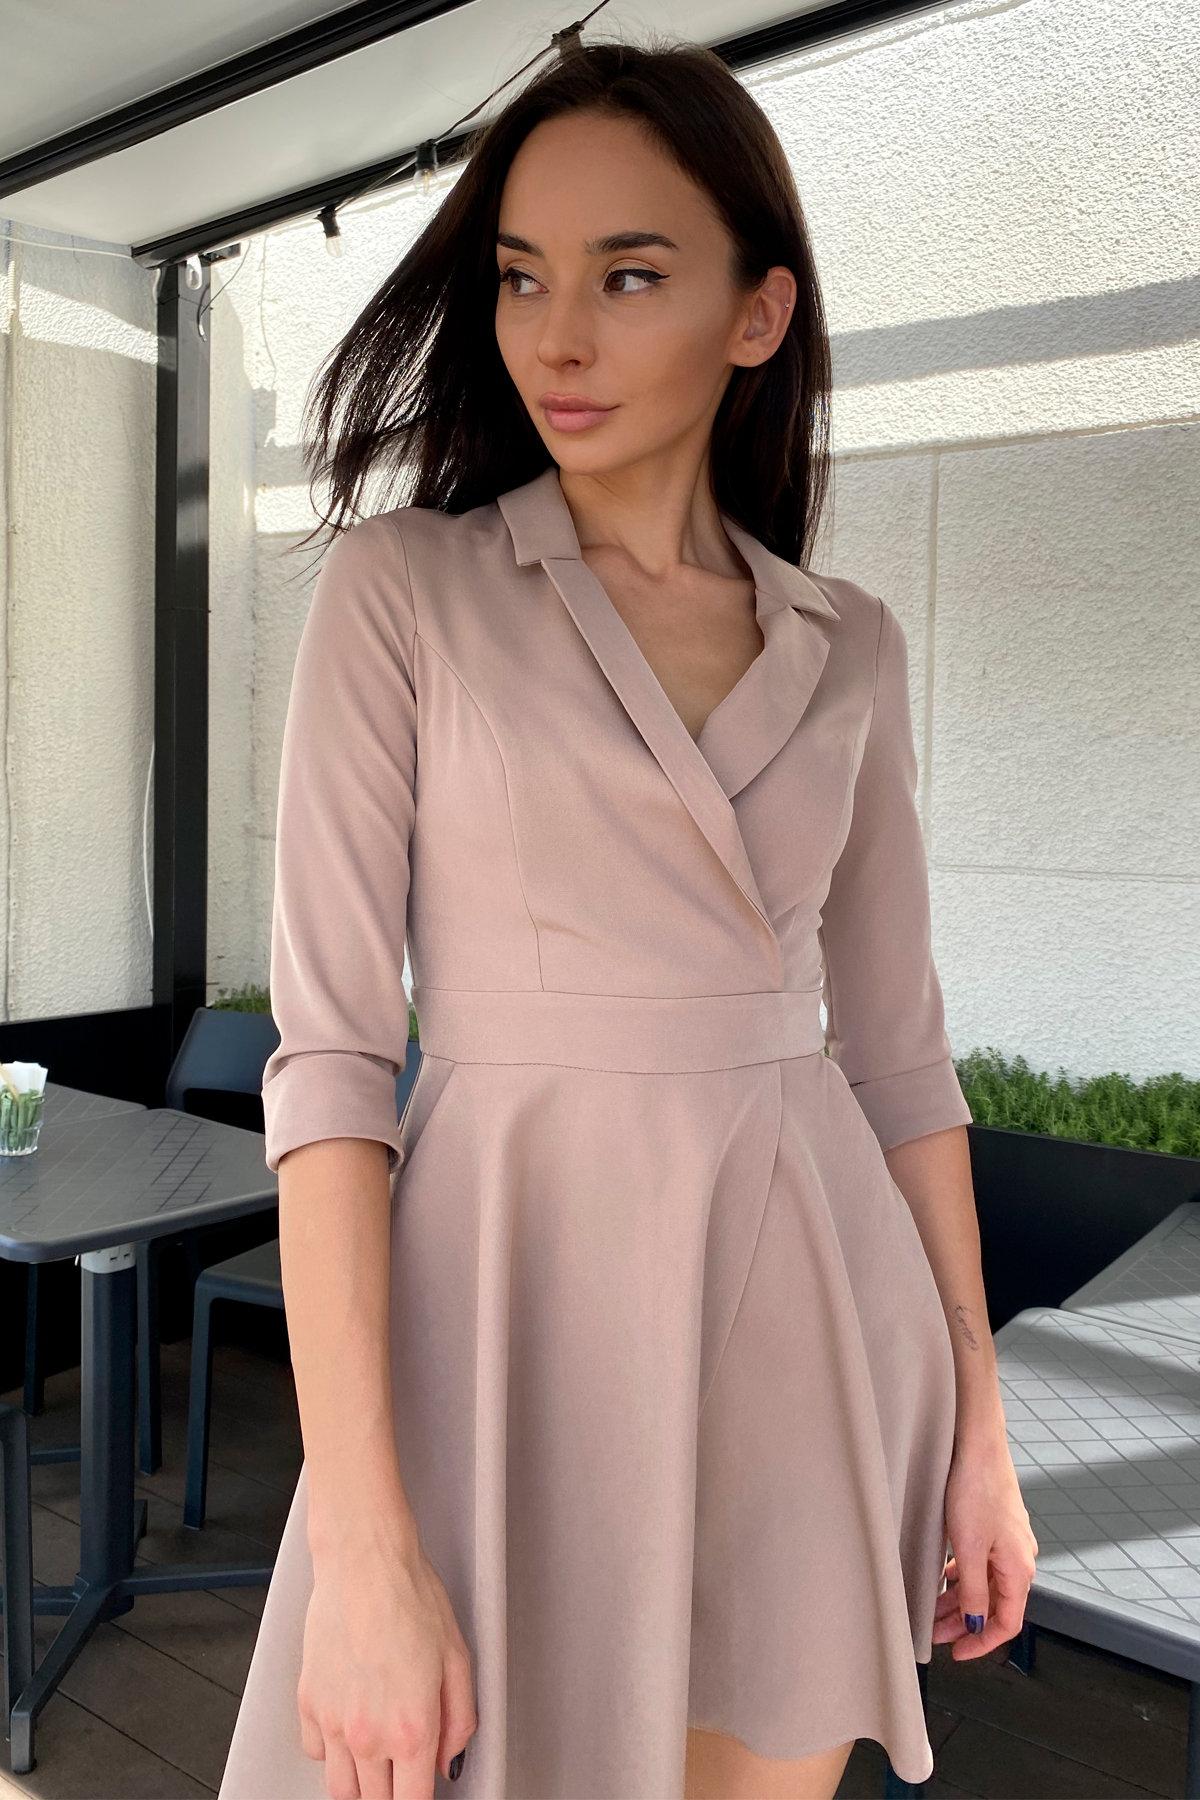 Платье Малья 7678 АРТ. 45991 Цвет: Бежевый Темный - фото 5, интернет магазин tm-modus.ru